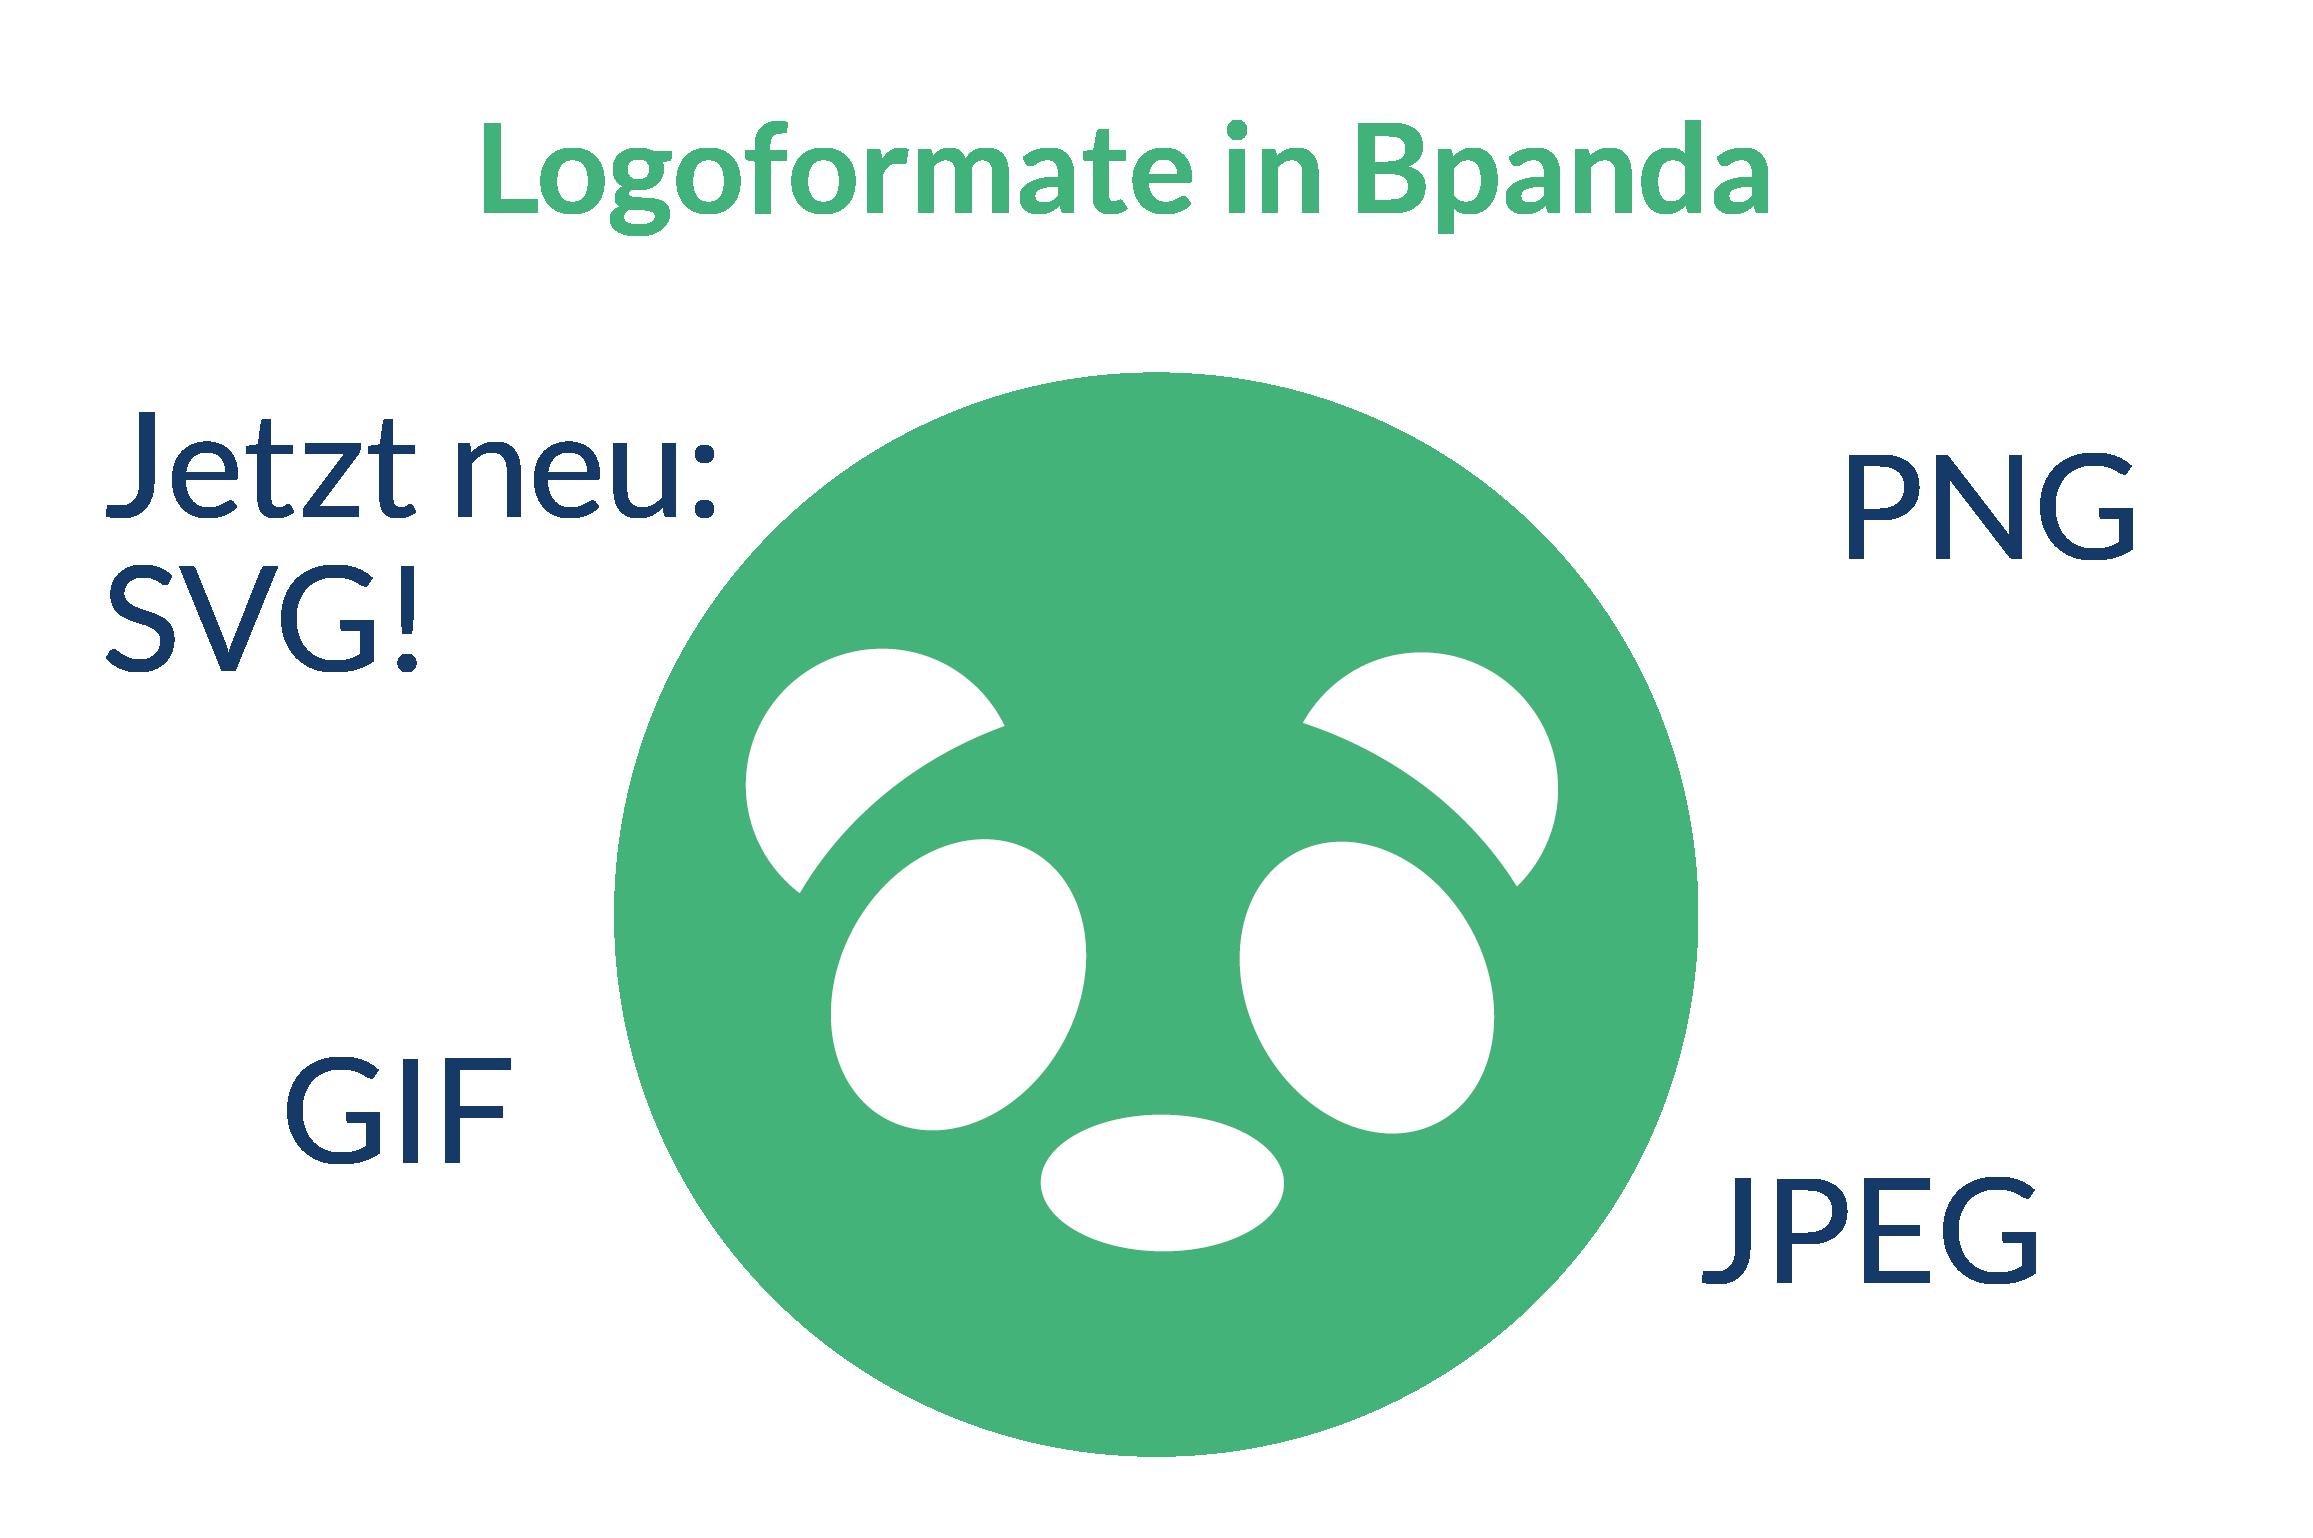 Neue UX-Verbesserung in Bpanda: Lade Logos nun auch als SVG in deinen Prozessraum.